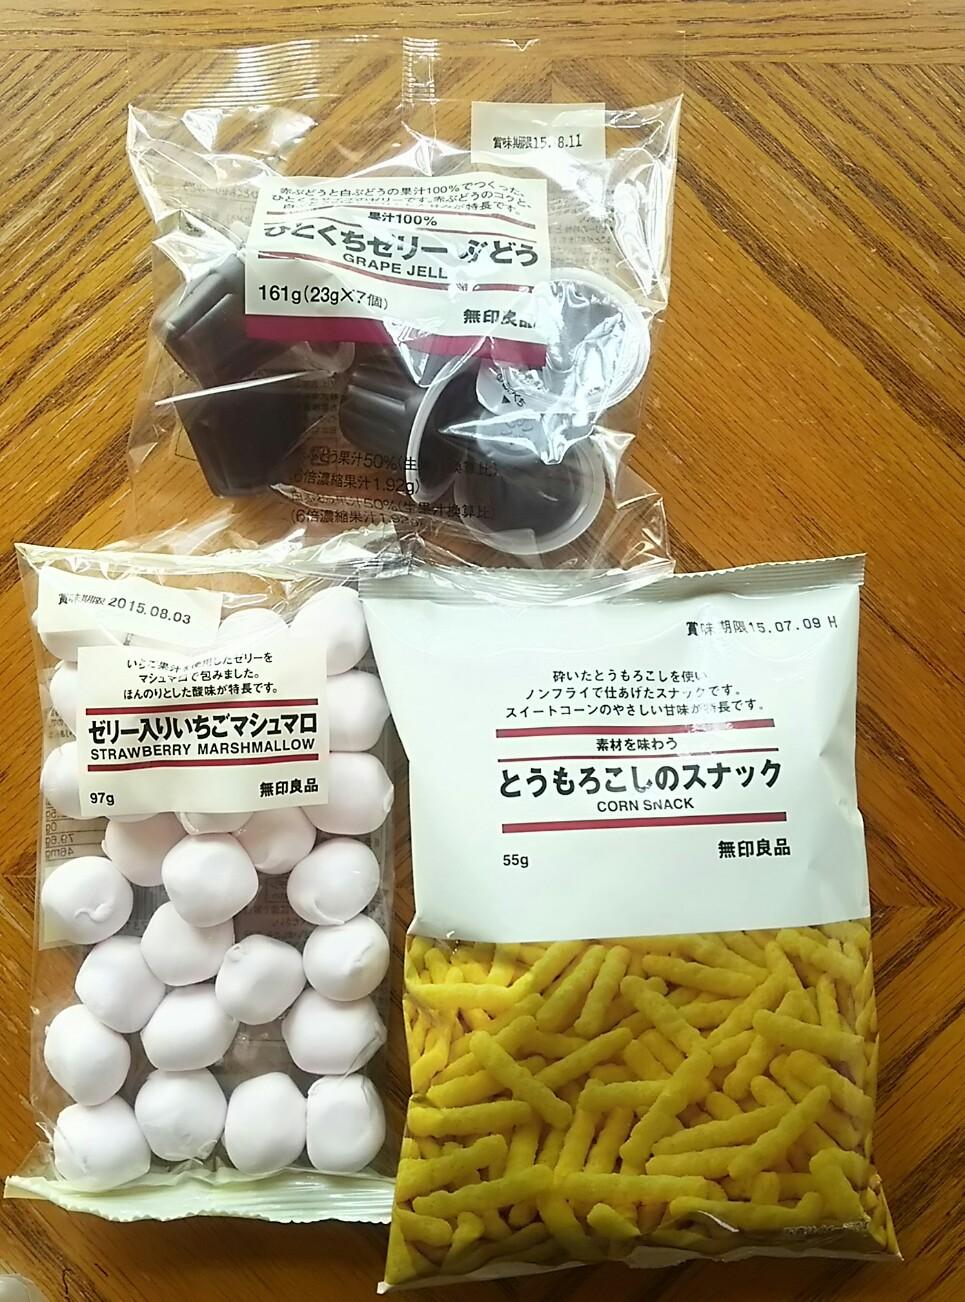 【無印良品】宇治抹茶お菓子シリーズを買い占めてランキングしてみた